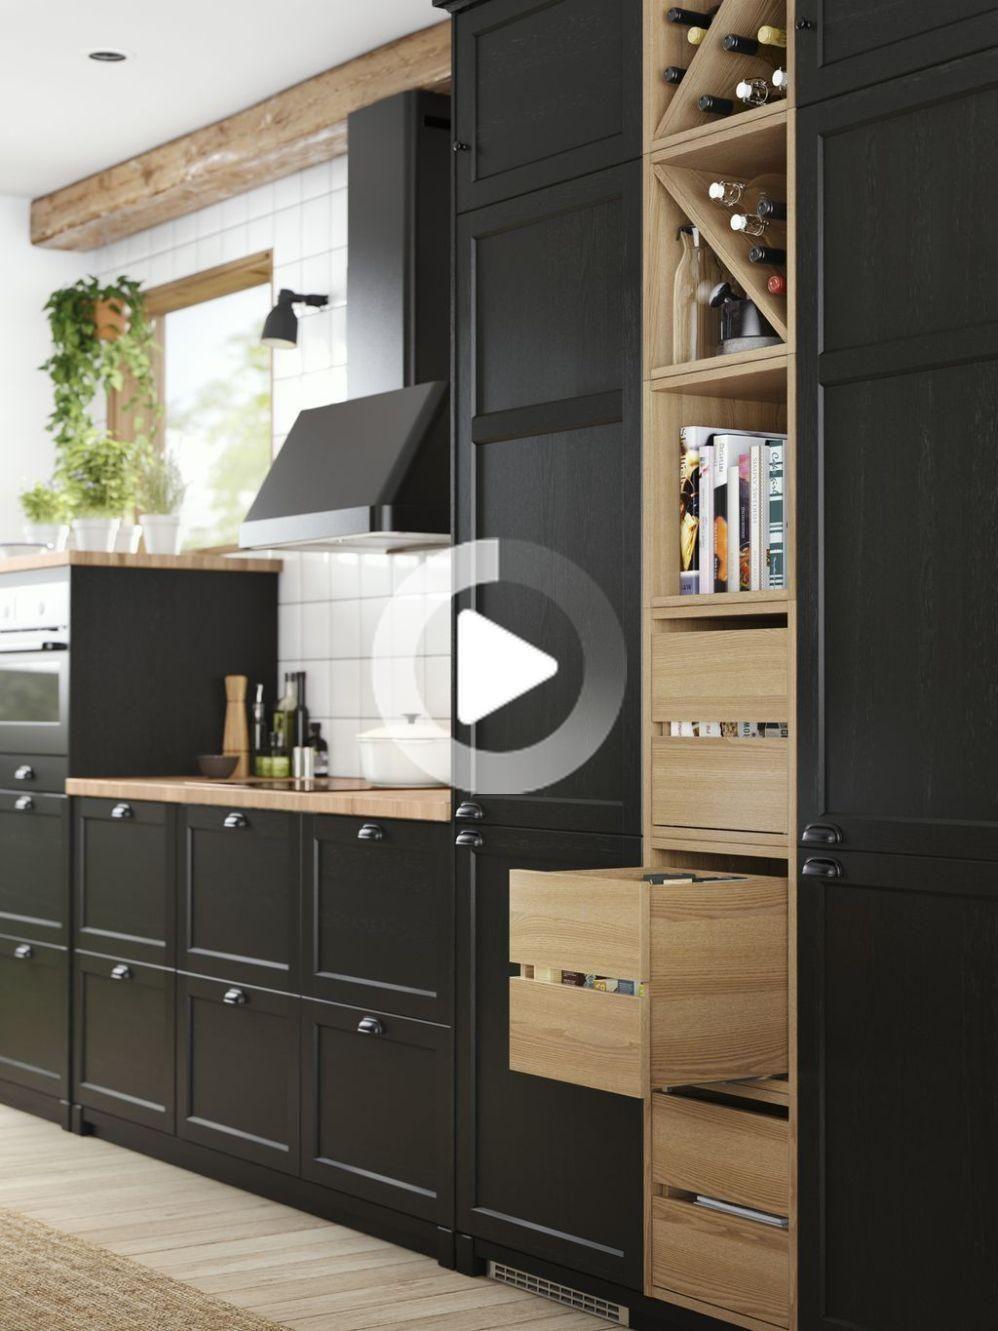 Ikea Le Nouveau Design Cuisines 2018 2019 En 2020 Cuisine Ikea Cuisine Ikea Noire Cuisine Moderne